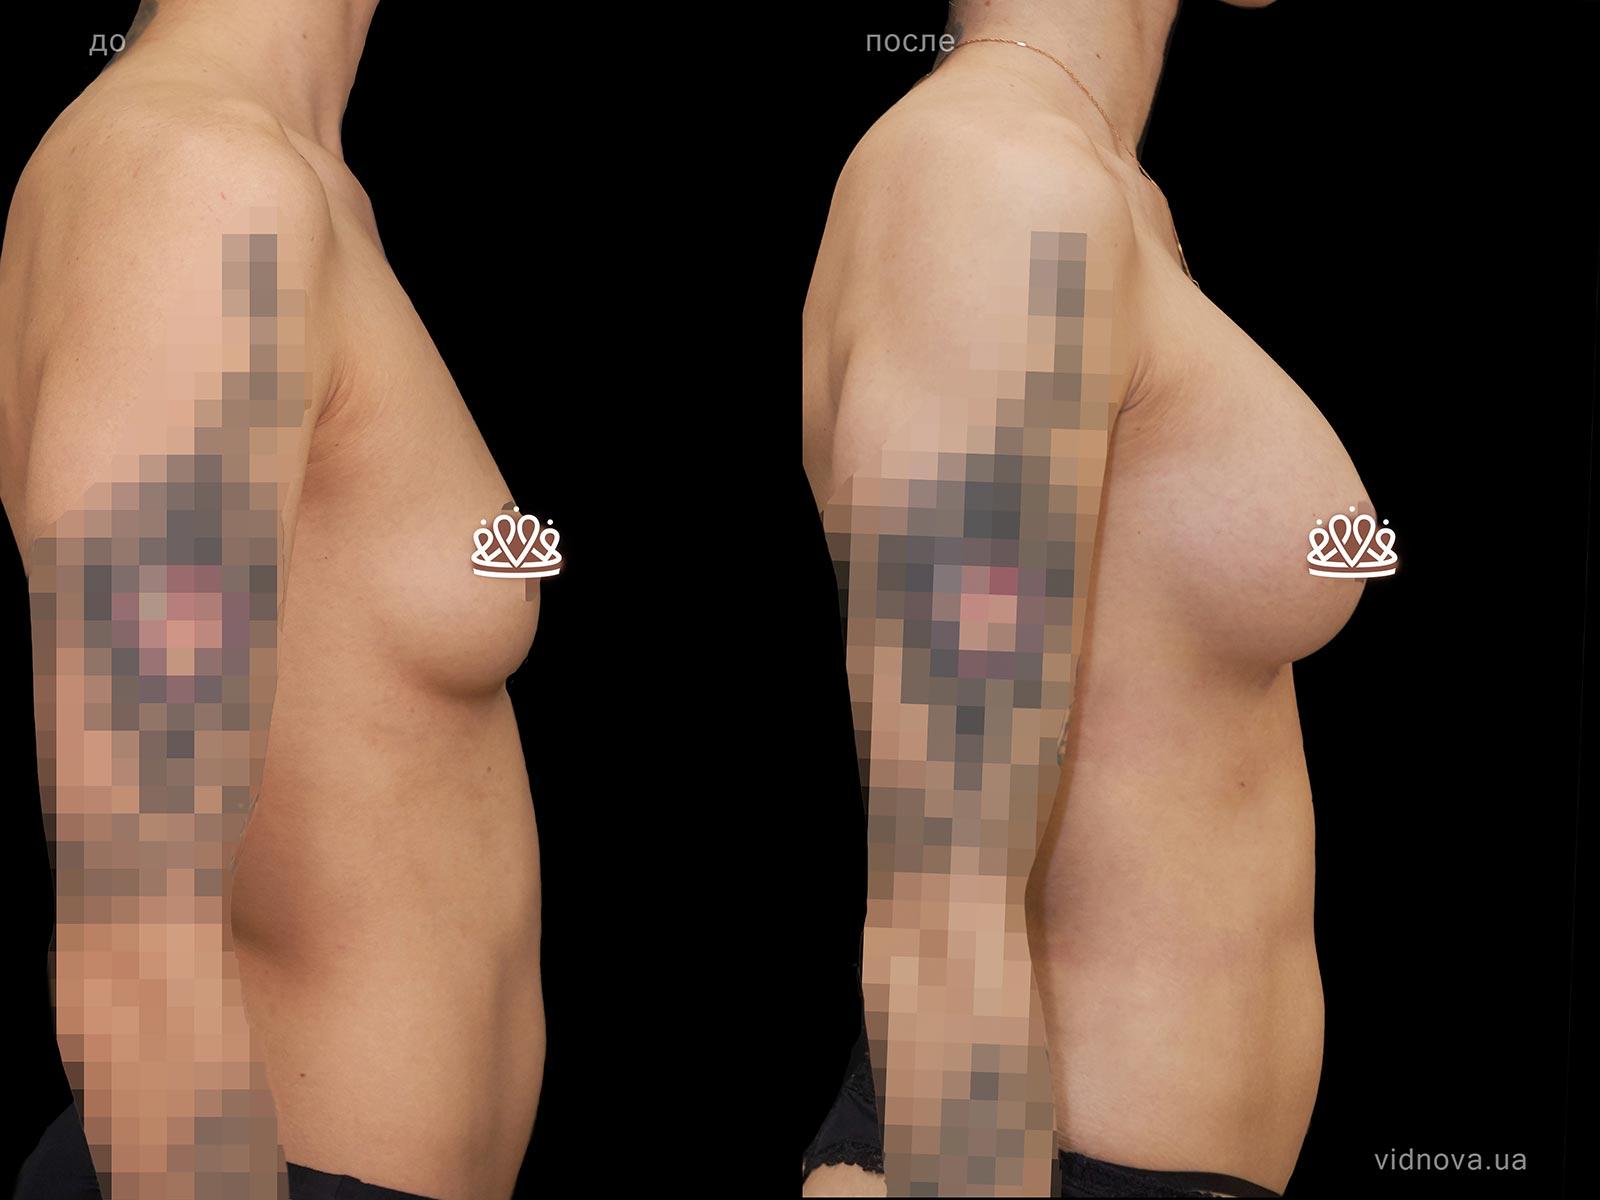 Пластика груди: результаты до и после - Пример №112-2 - Светлана Работенко